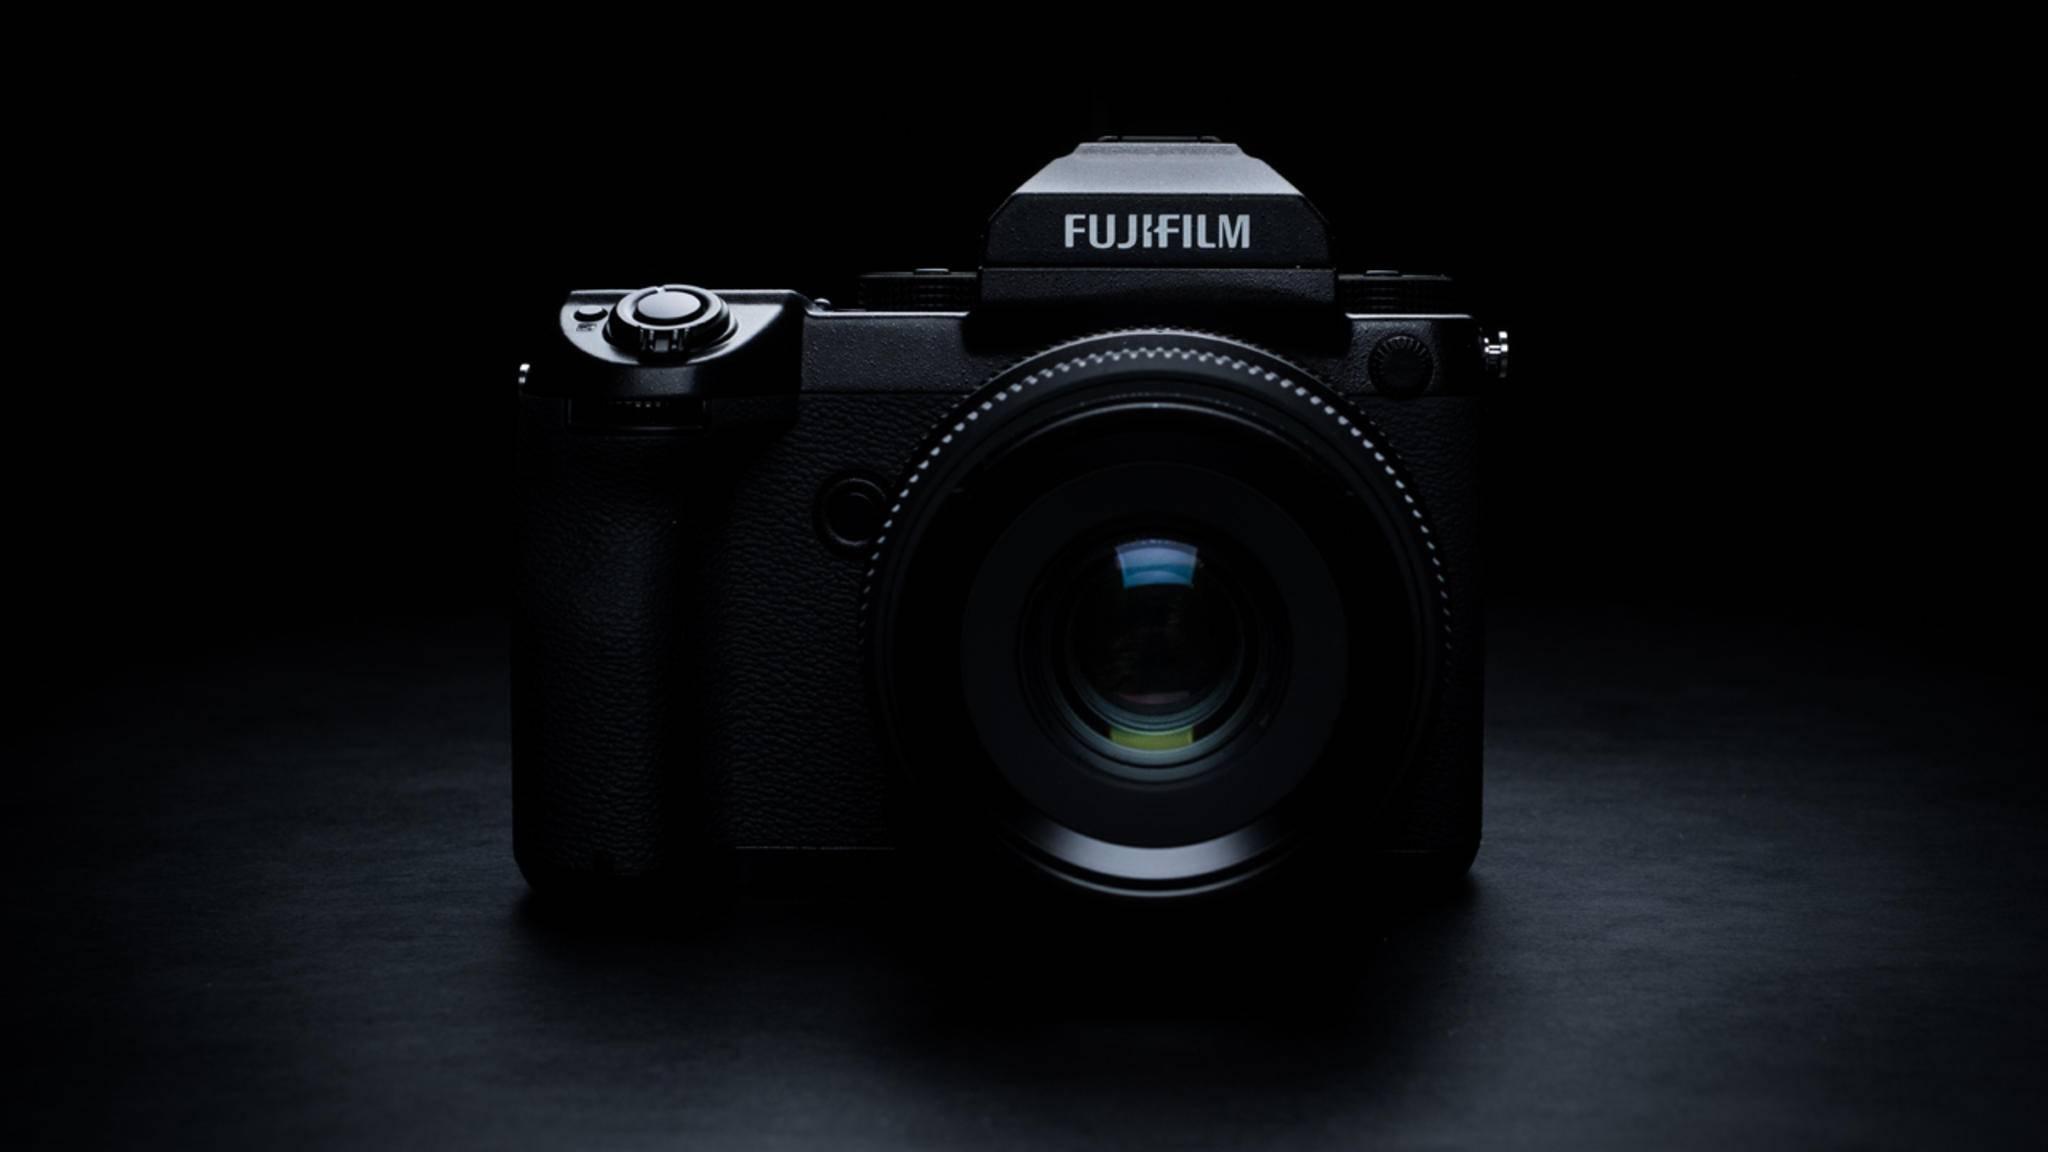 Die Fujifilm GFX 50R soll günstiger werden als die hier abgebildete GFX 50S.